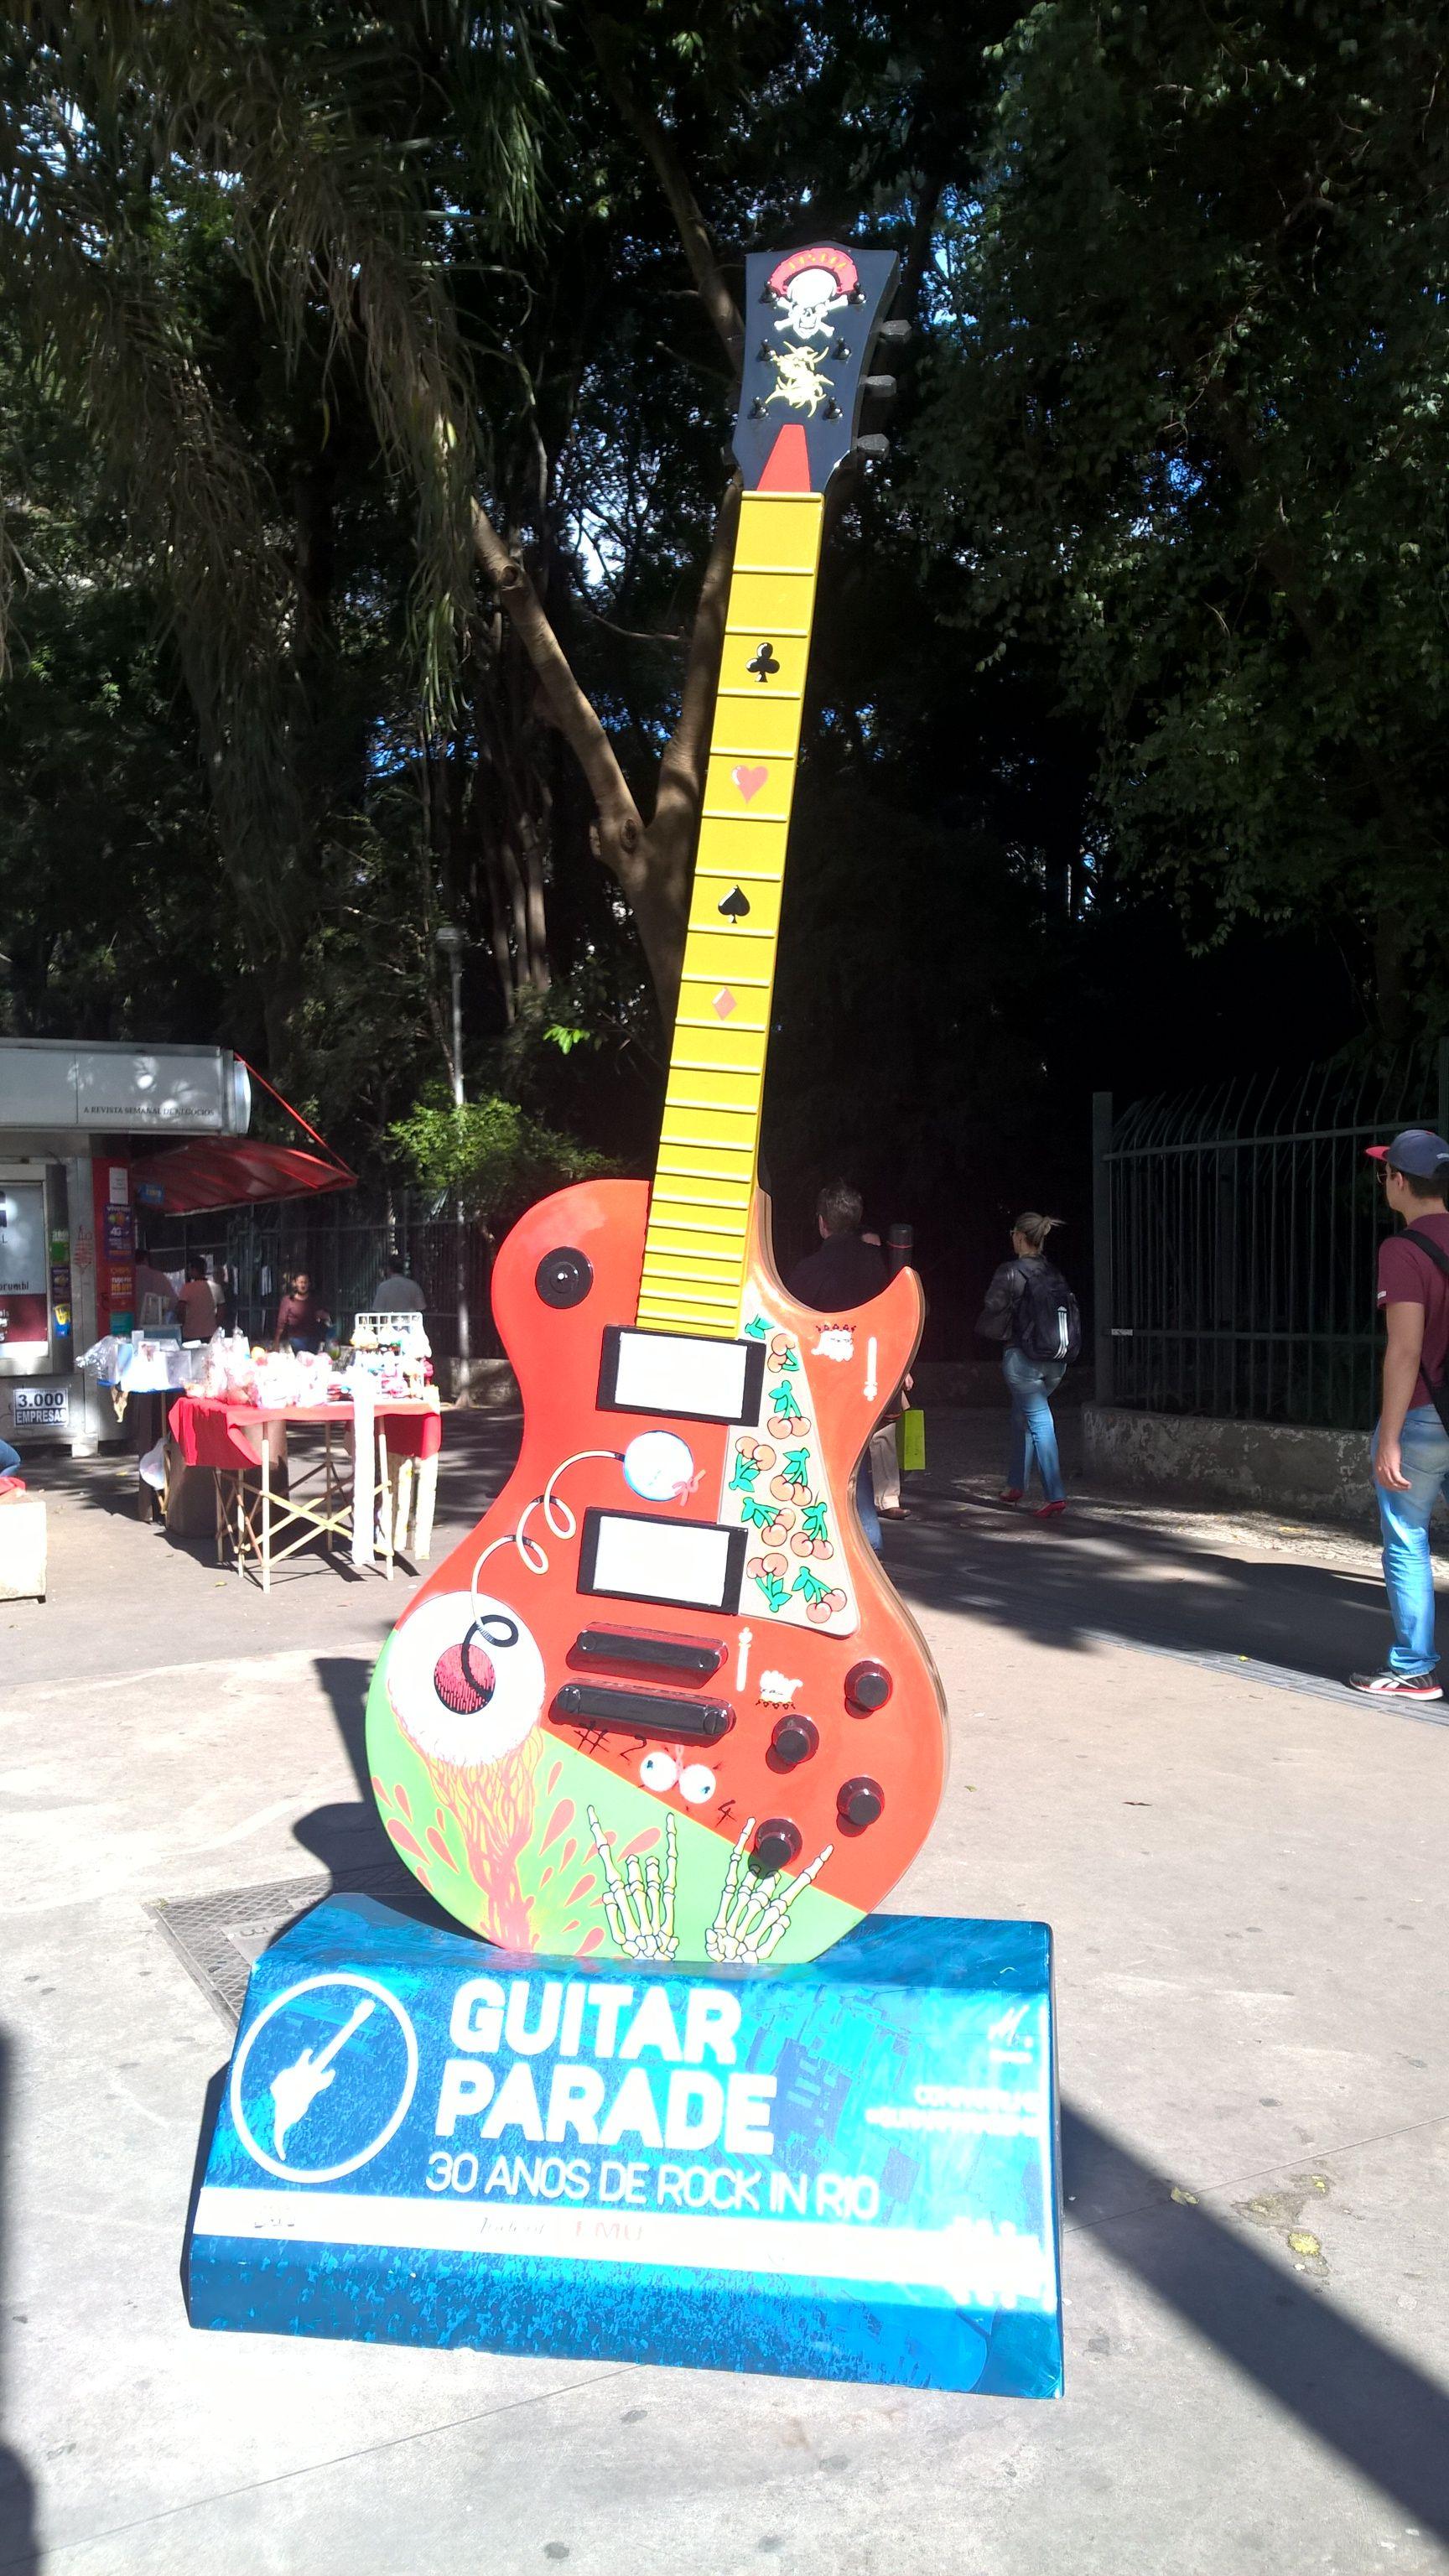 #rockinrio #rock #guitar #urban #art #city #paulistaavenue #avenue #saopaulo #sp #brazil #lumia